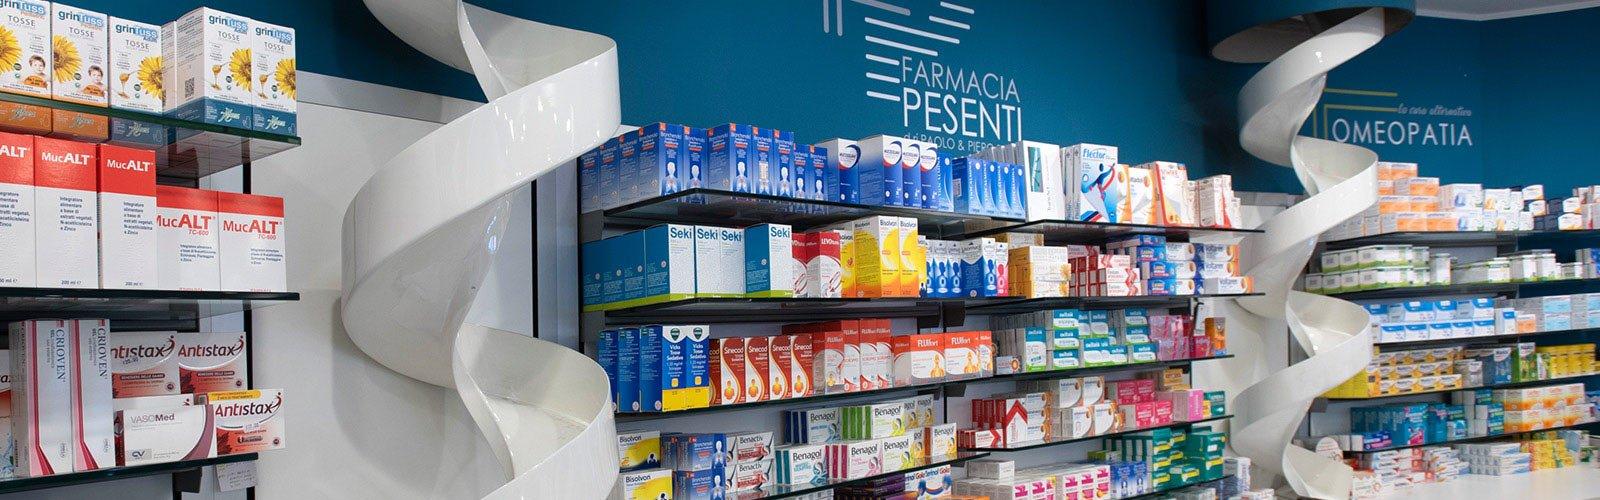 Magazzini robotizzati per farmacie - Bertero Technologies